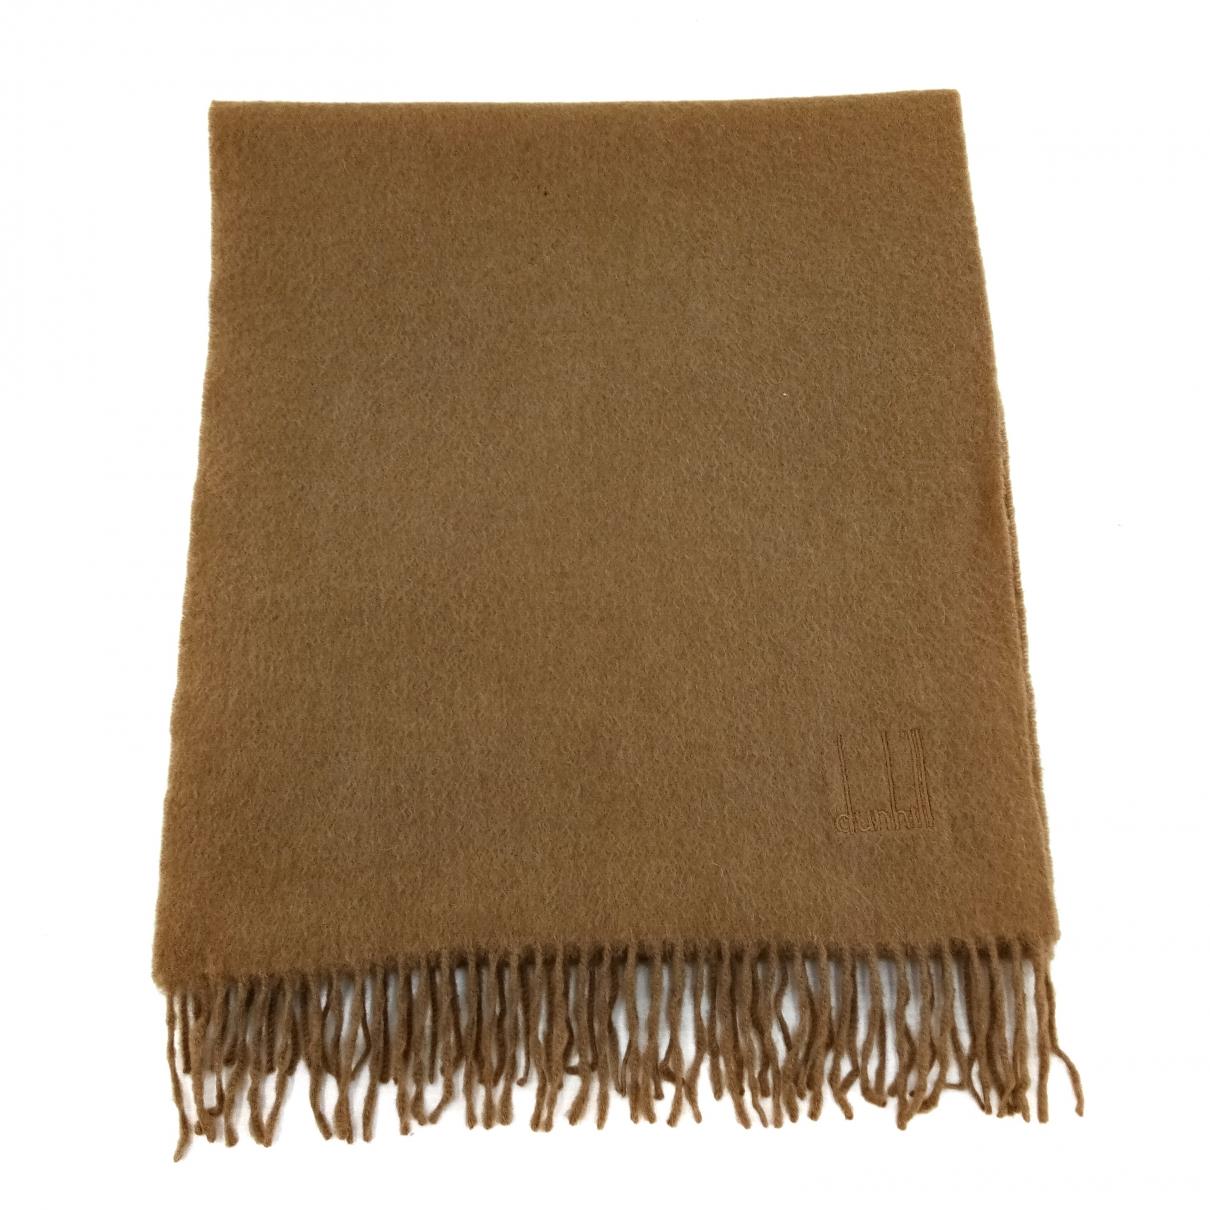 Alfred Dunhill \N Cashmere scarf & pocket squares for Men \N